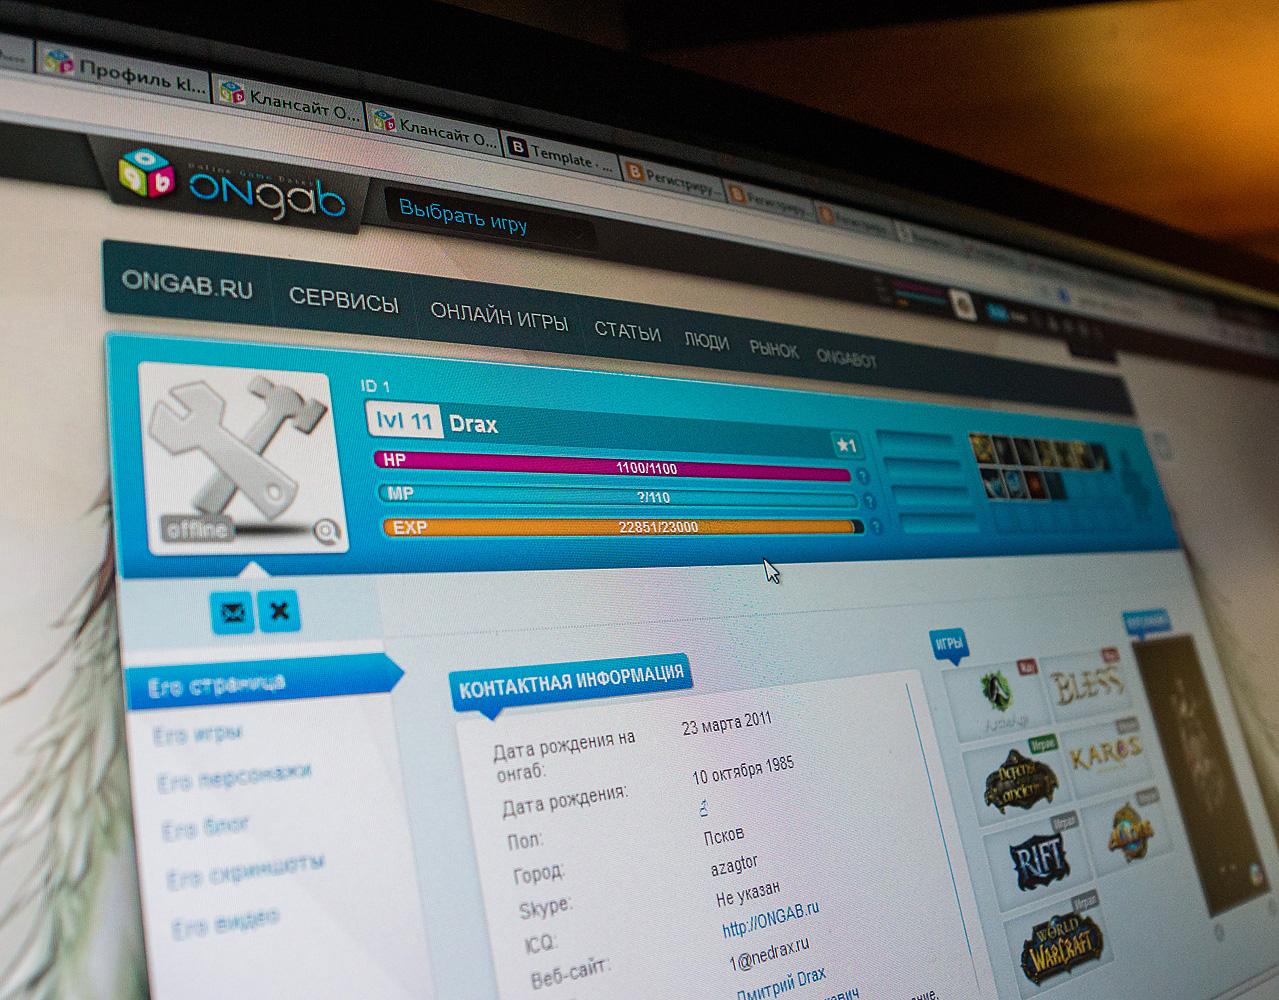 ONGAB.ru — игровая социальная сеть, базы данных по MMORPG играм, лучшие онлайн игры